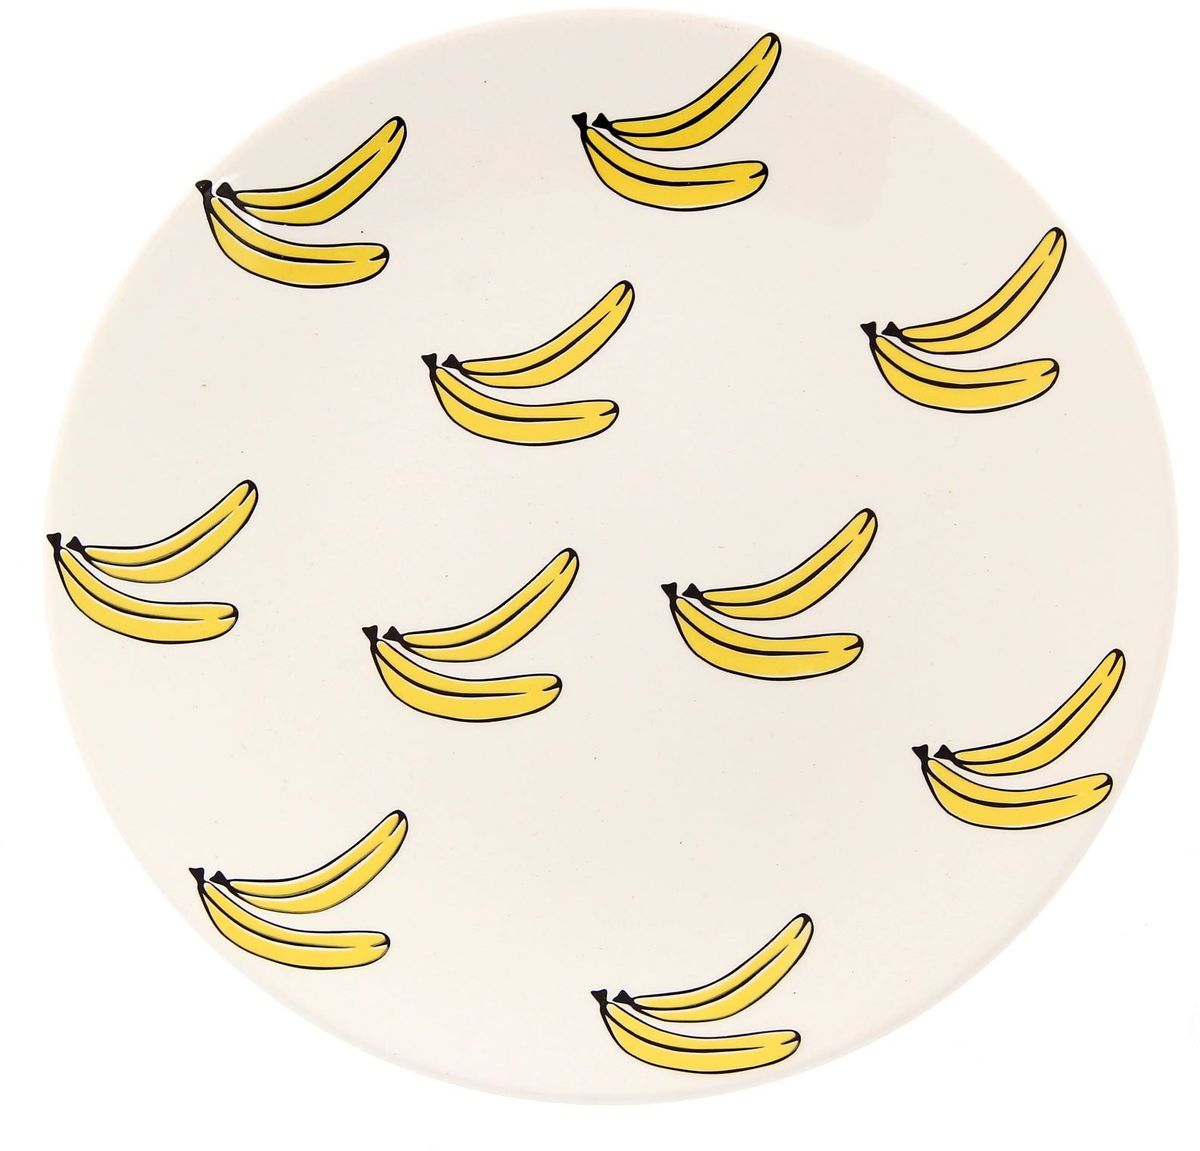 Тарелка Сотвори чудо Бананы, диаметр 22 см2277885Хотите обновить интерьер кухни или гостиной? Устраиваете необычную фотосессию или тематический праздник? А может, просто ищете подарок для близкого человека? Посуда Сотвори Чудо — правильный выбор в любой ситуации. Тарелка Сотвори Чудо, изготовленная из изящного фаянса нежного сливочного цвета, оформлена оригинальным рисунком со стойкой краской. Пригодна для посудомоечной машины.